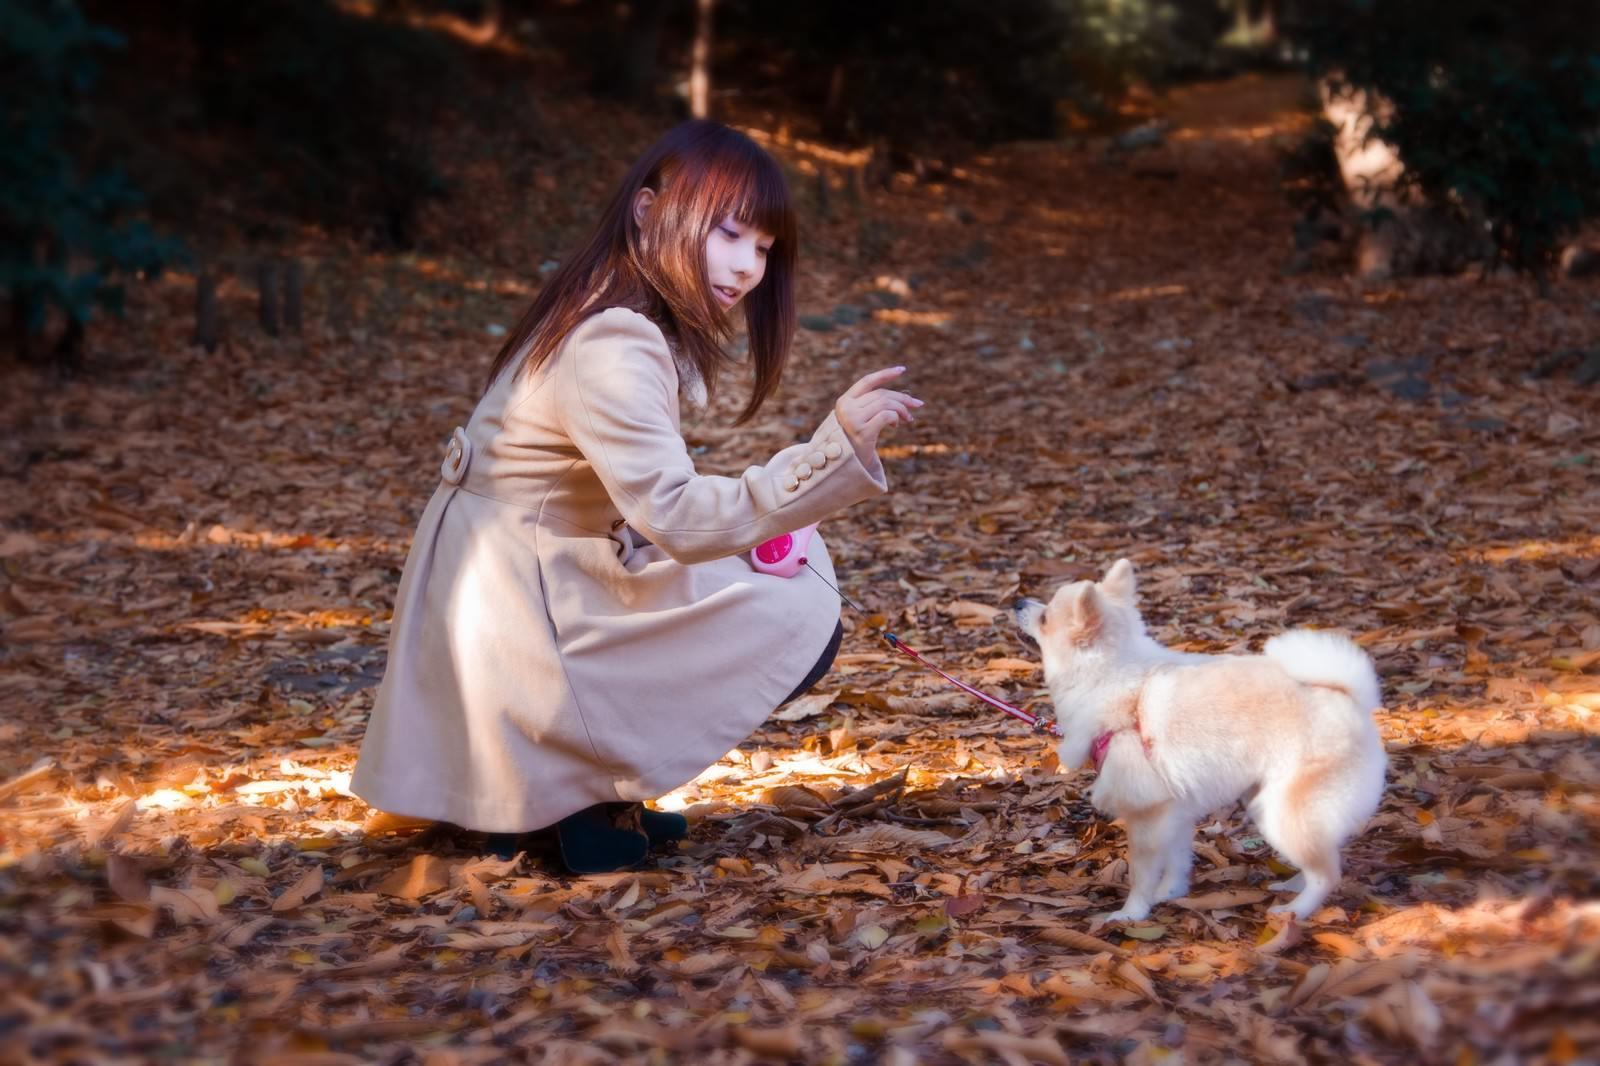 「落ち葉の中、犬とお散歩中のコートの女の子」の写真[モデル:Lala]